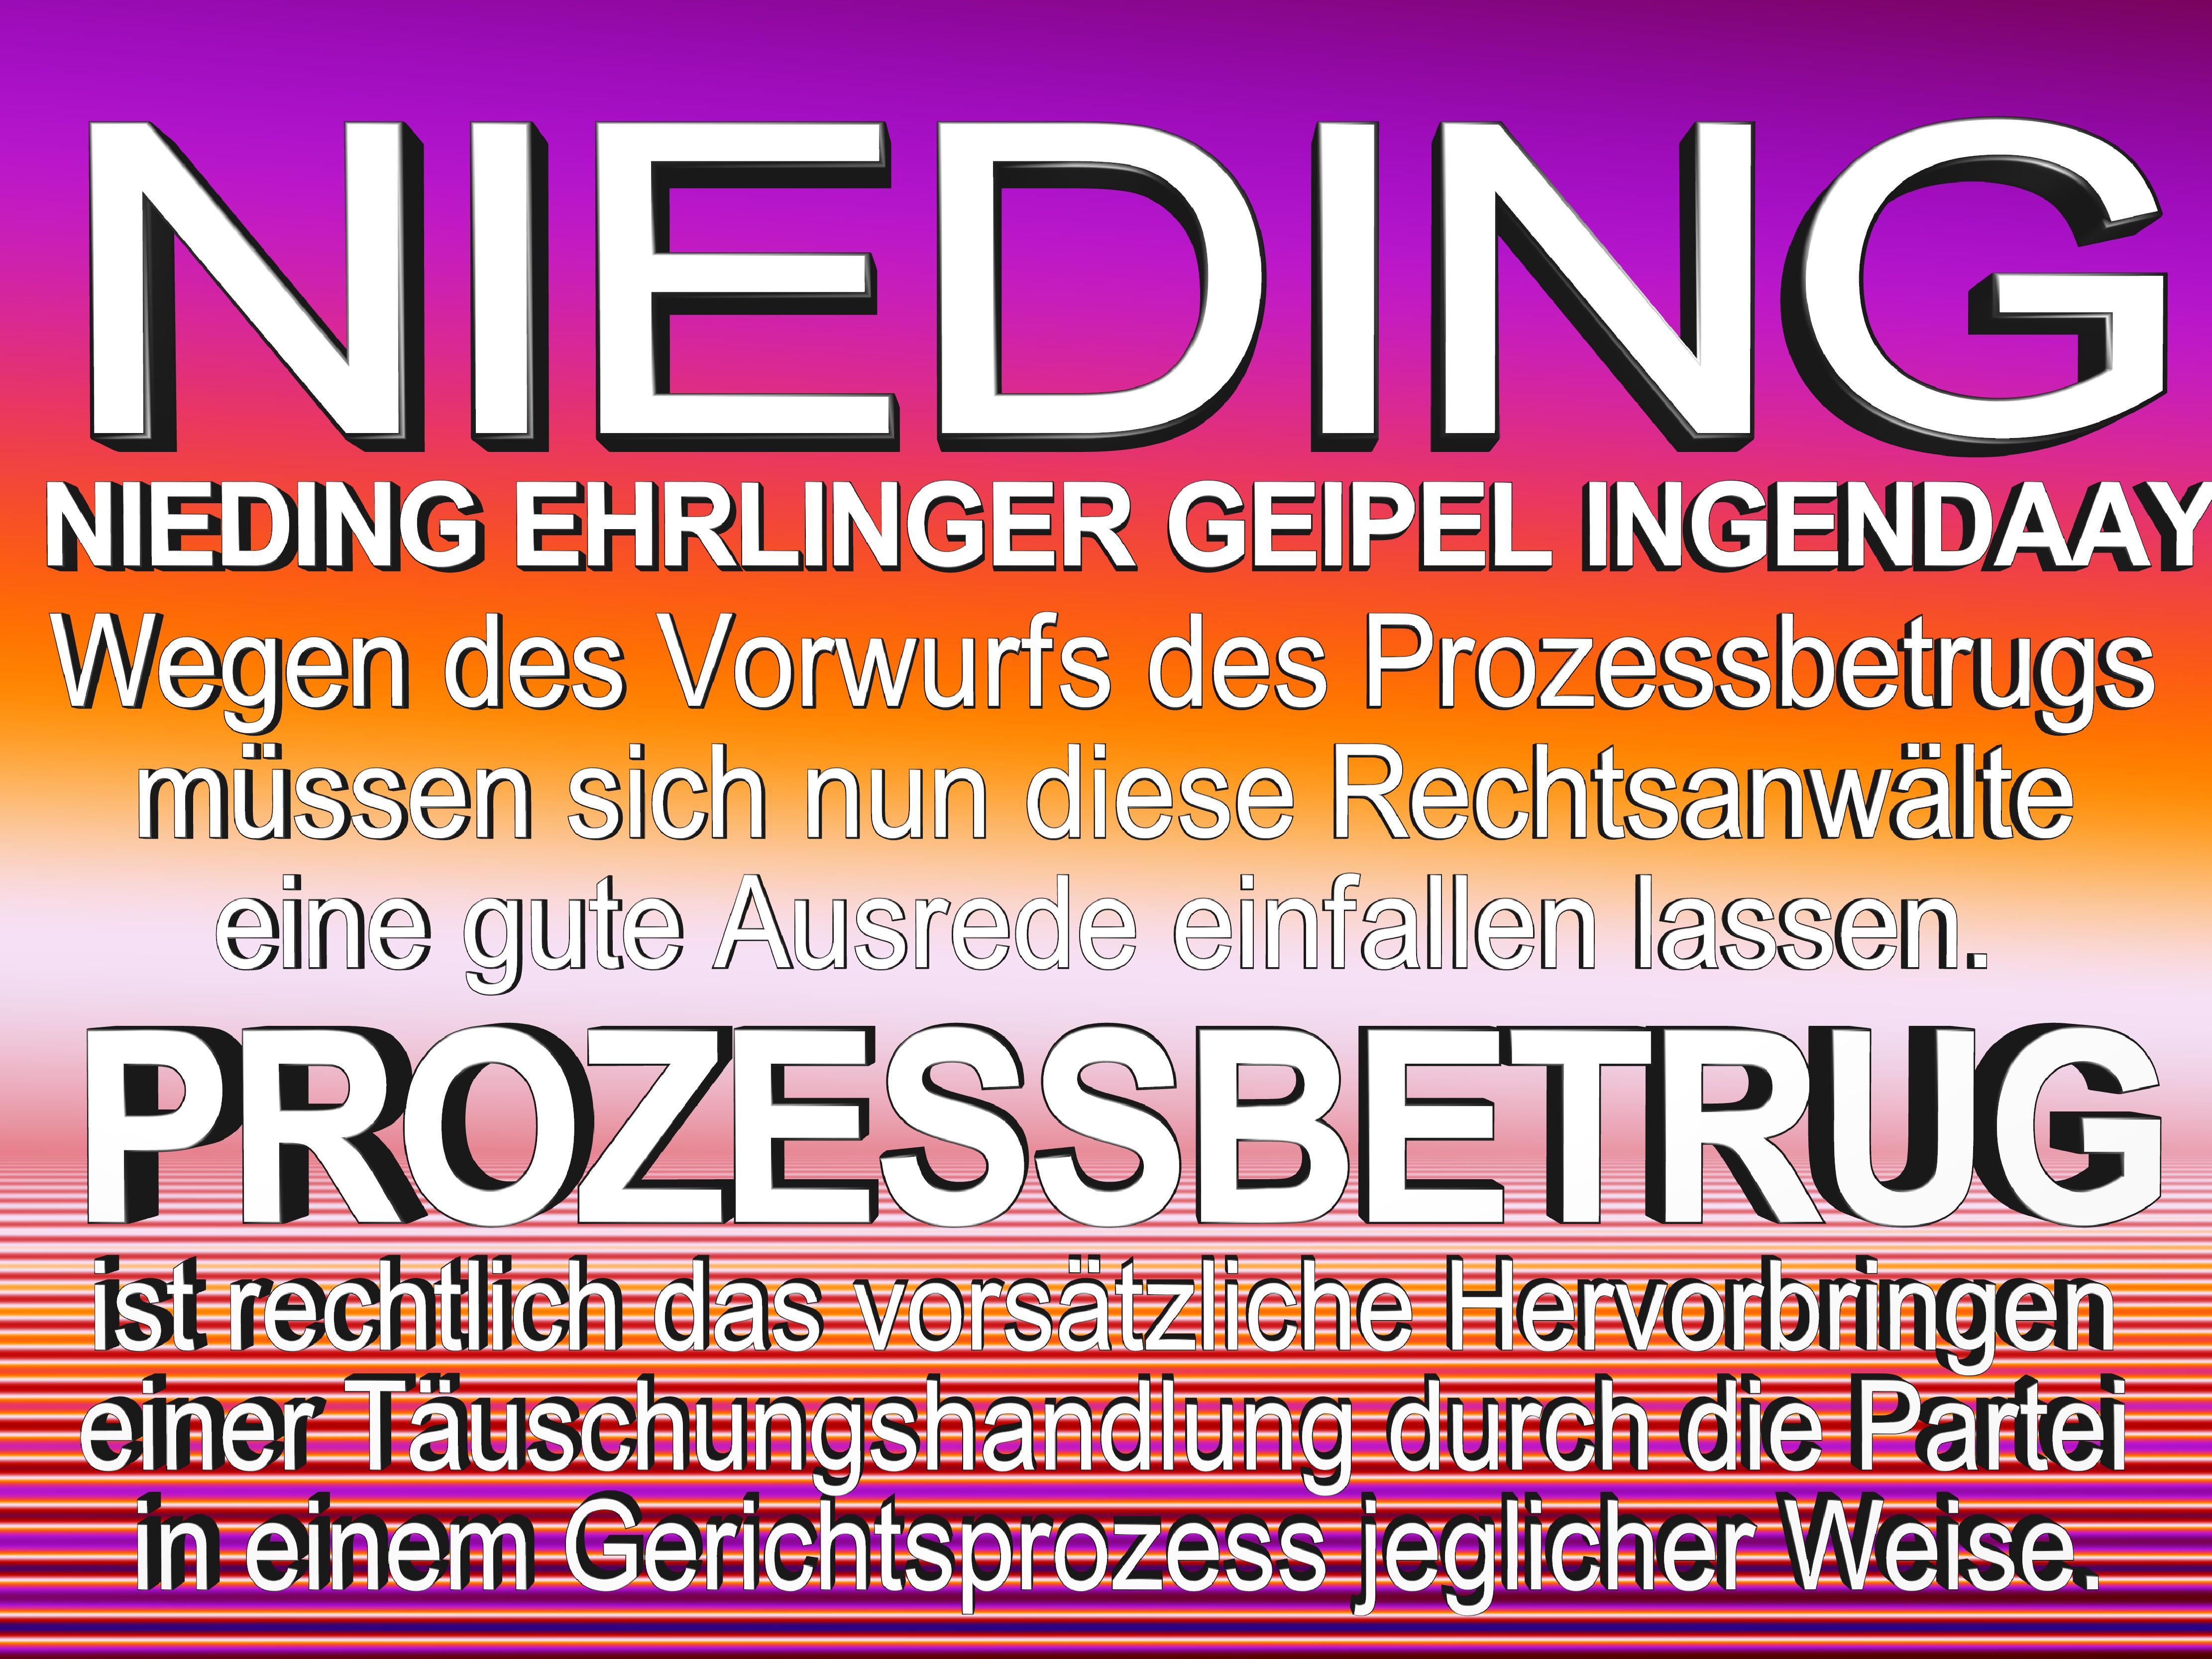 NIEDING EHRLINGER GEIPEL INGENDAAY LELKE Kurfürstendamm 66 Berlin (70)